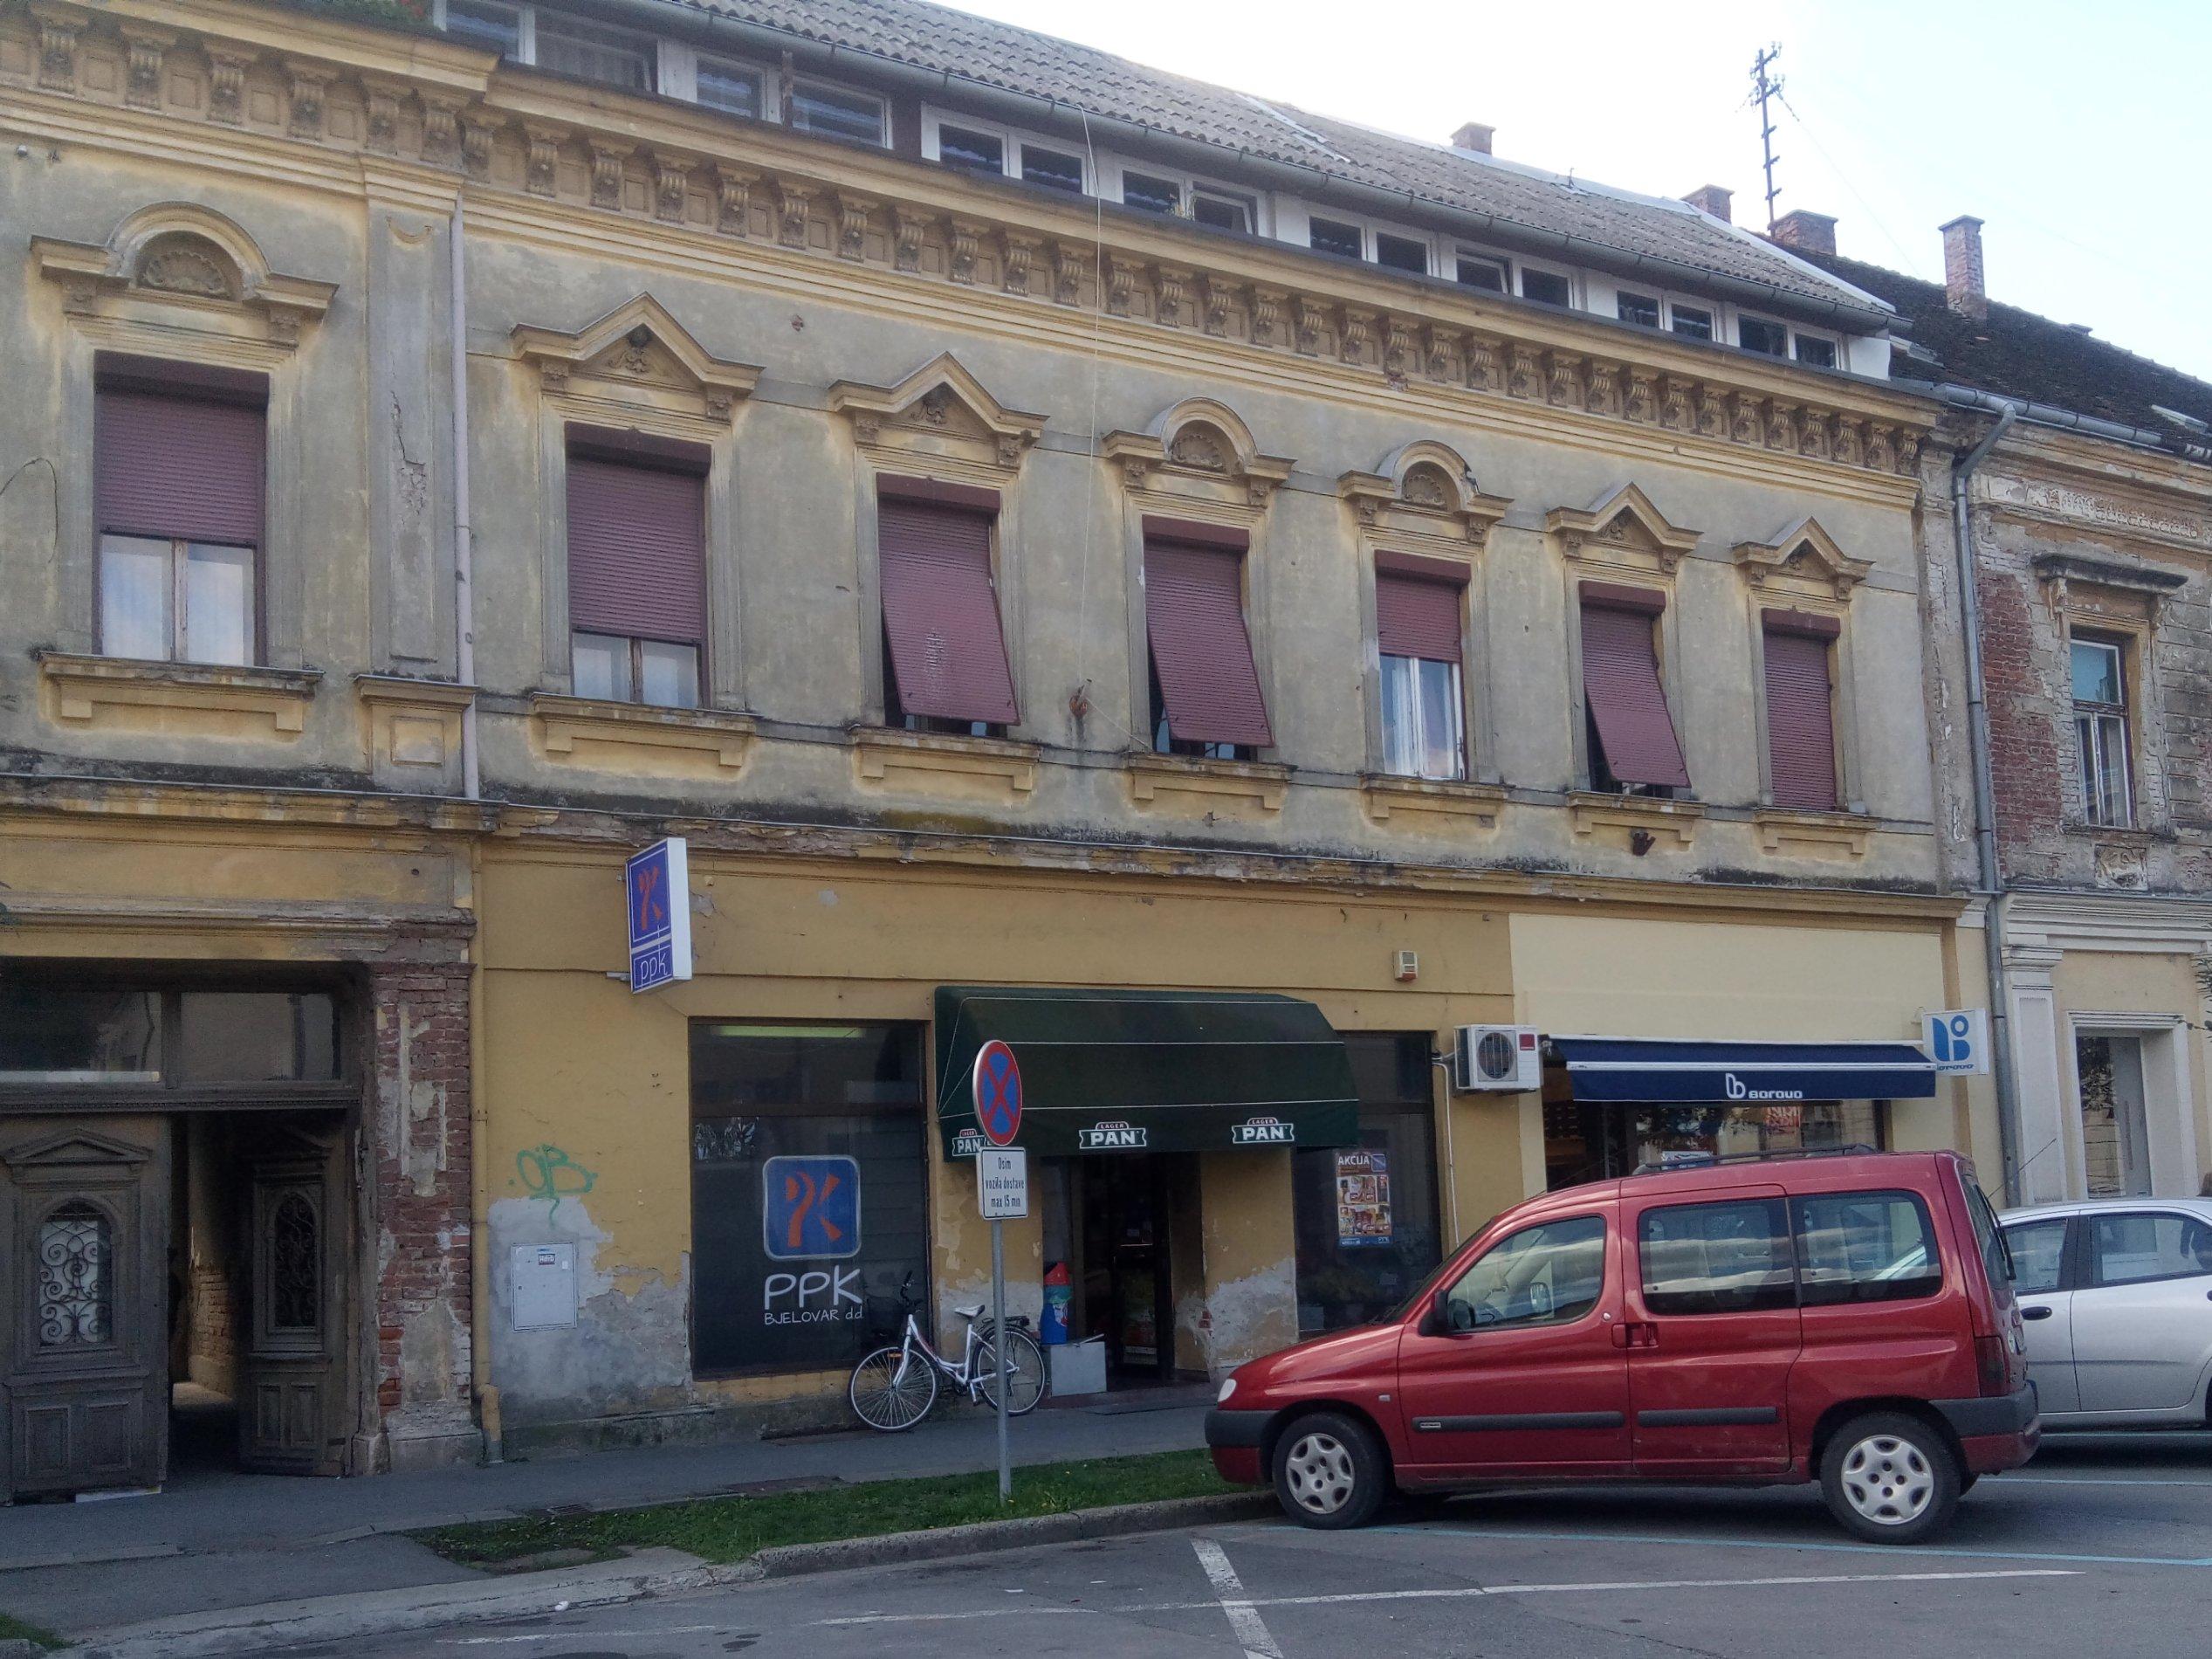 Poslovni prostori Grada Bjelovara - Ulica Vladimira Nazora 3